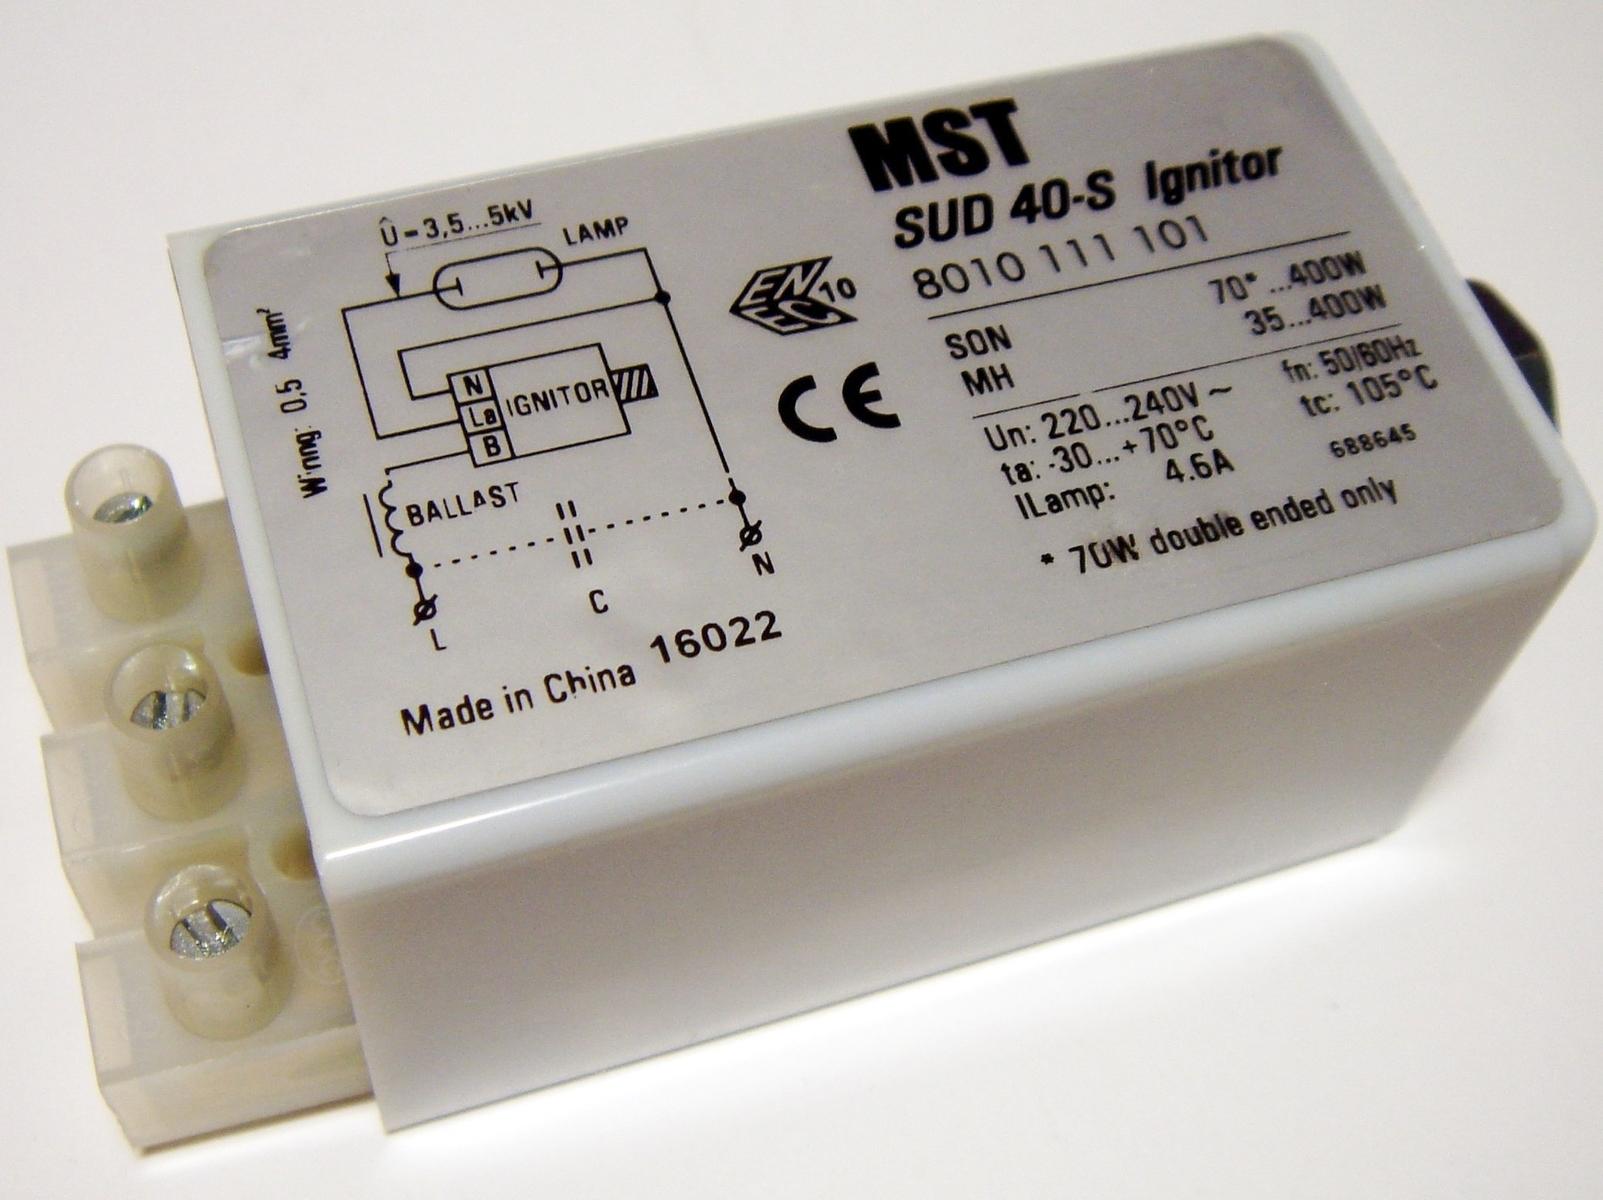 Запускающее устройство SUD 40-S, 35-400 Вт, MST